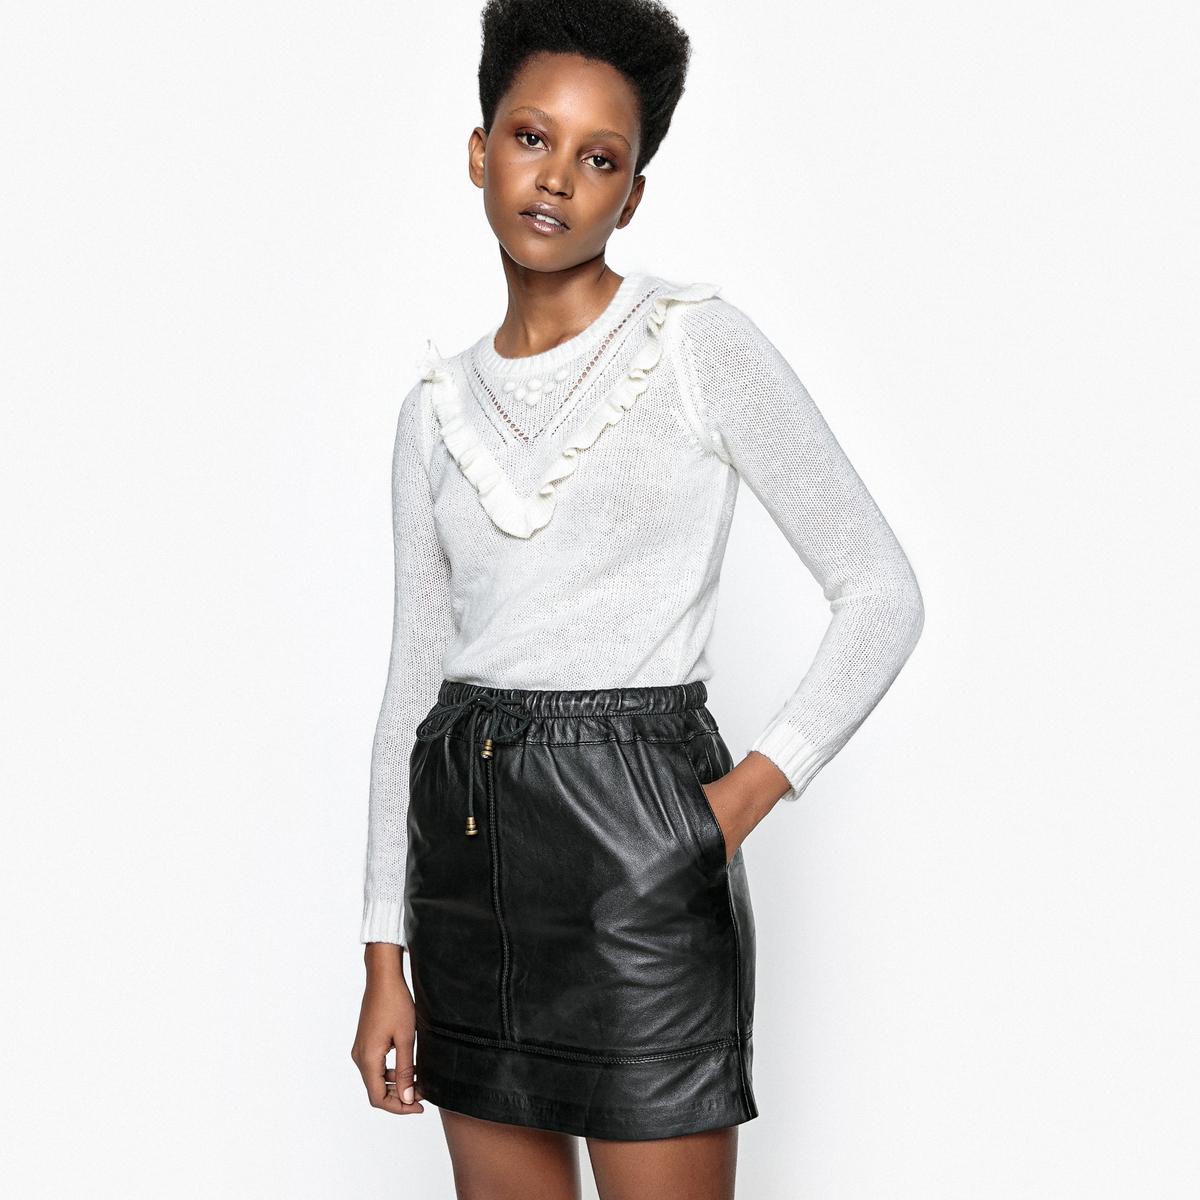 Пуловер с ажурными вставками и воланами, из мохера